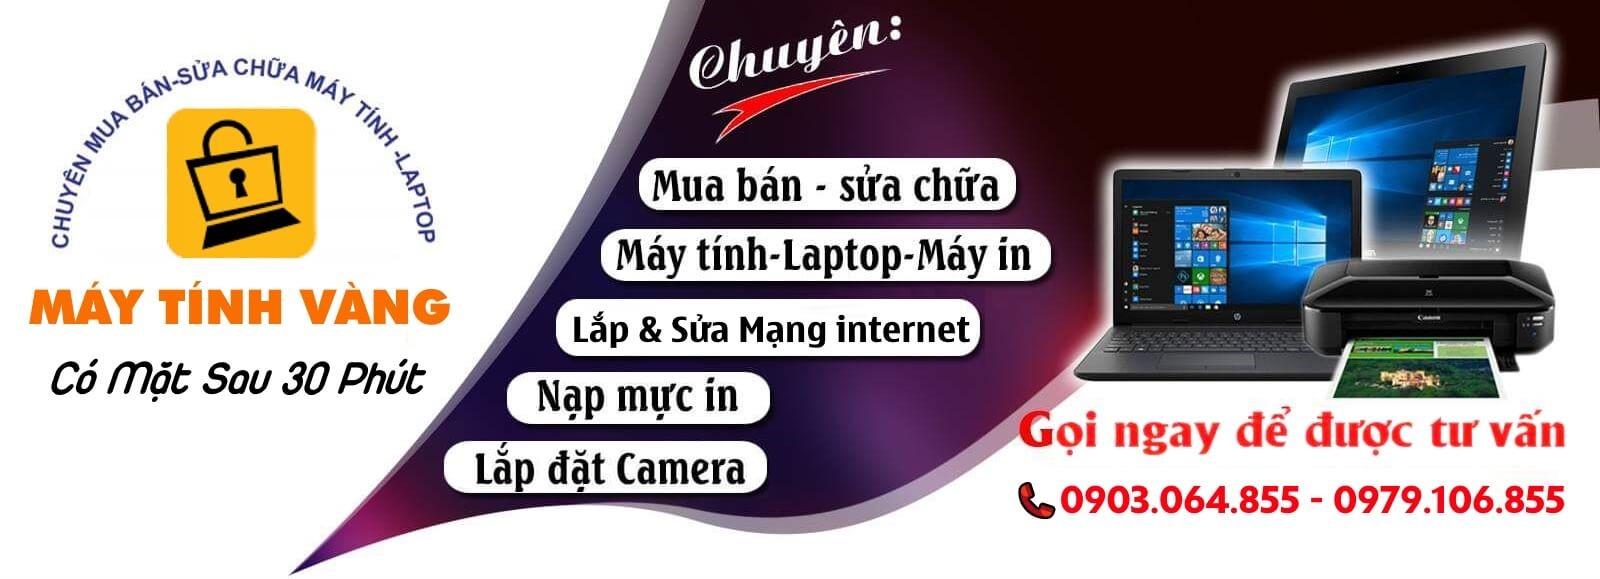 Máy Tính Vàng – Chuyên sửa laptop Quận 8 hàng đầu hiện nay.